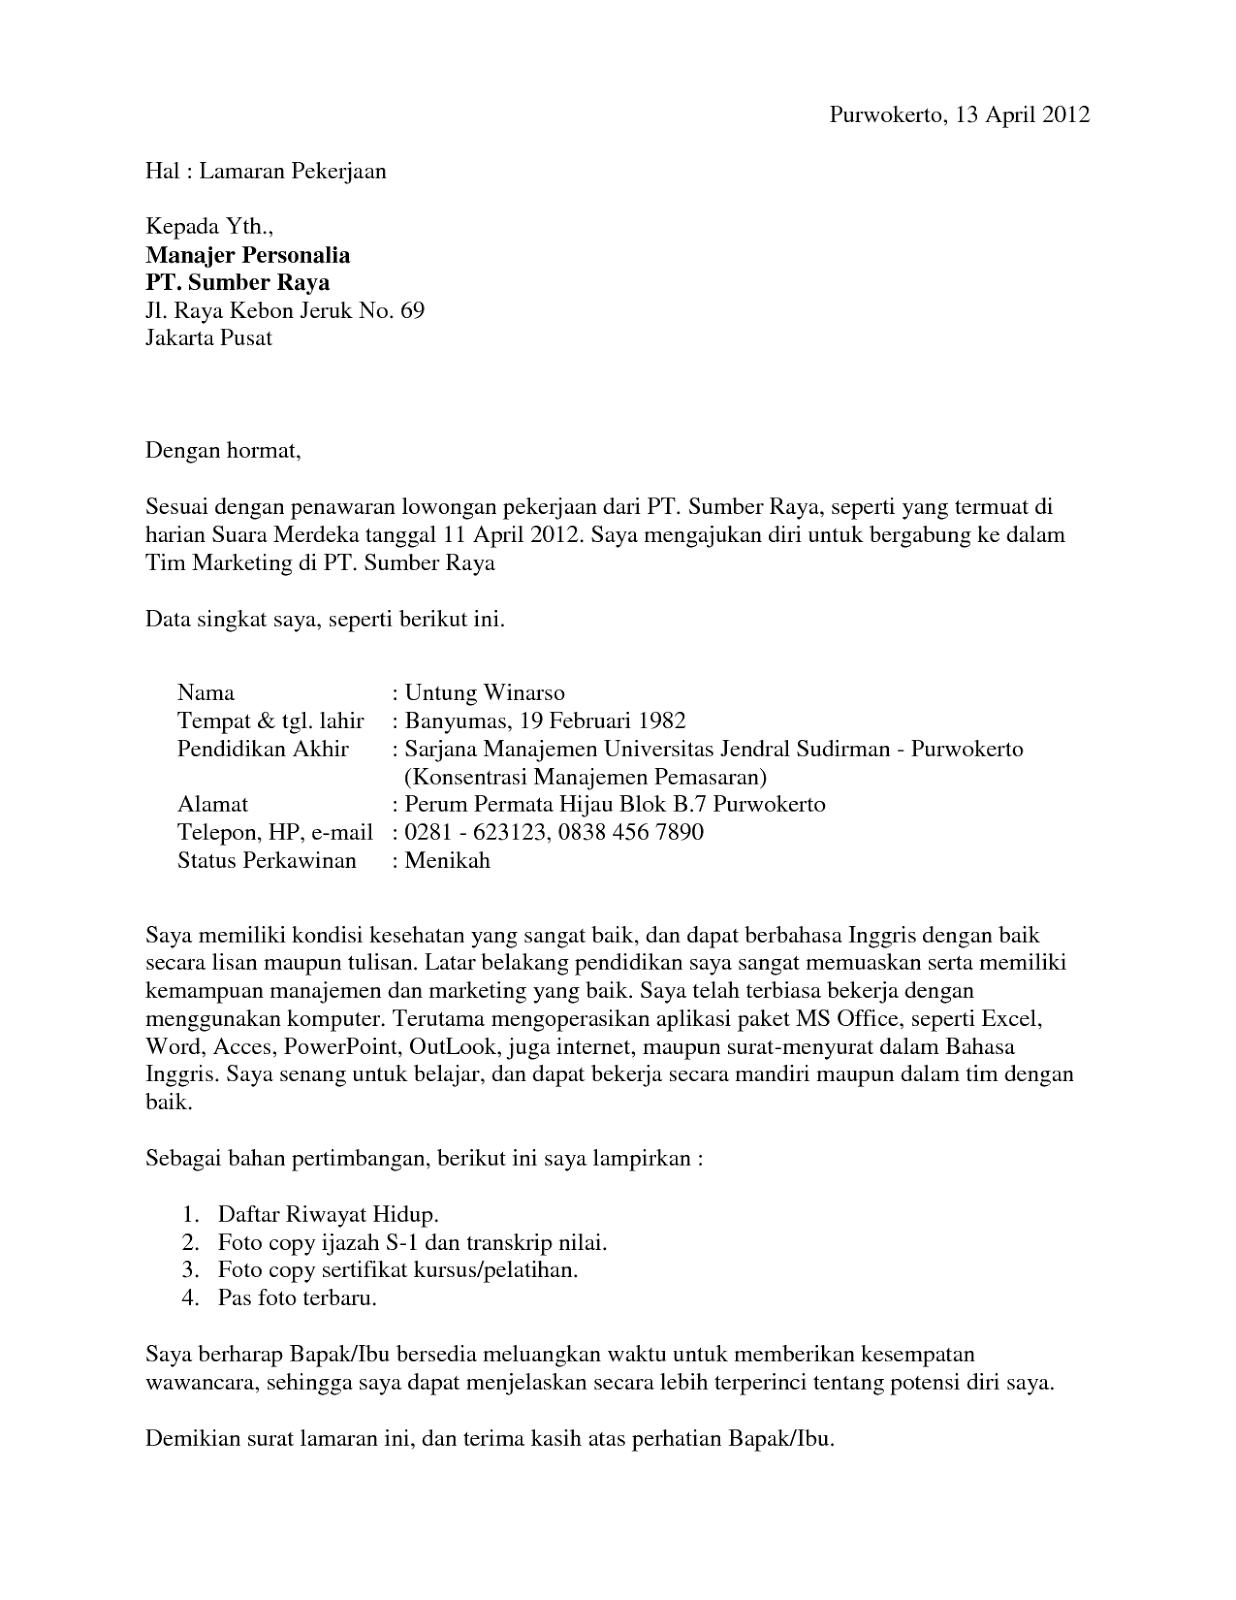 7 Surat Lamaran Kerja Administrasi - ben jobs